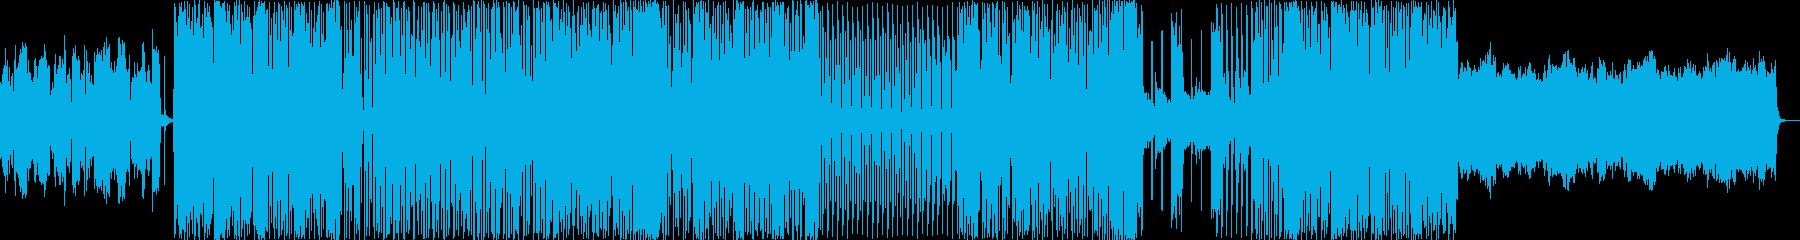 店舗・CM系エモめなDiscoPopの再生済みの波形